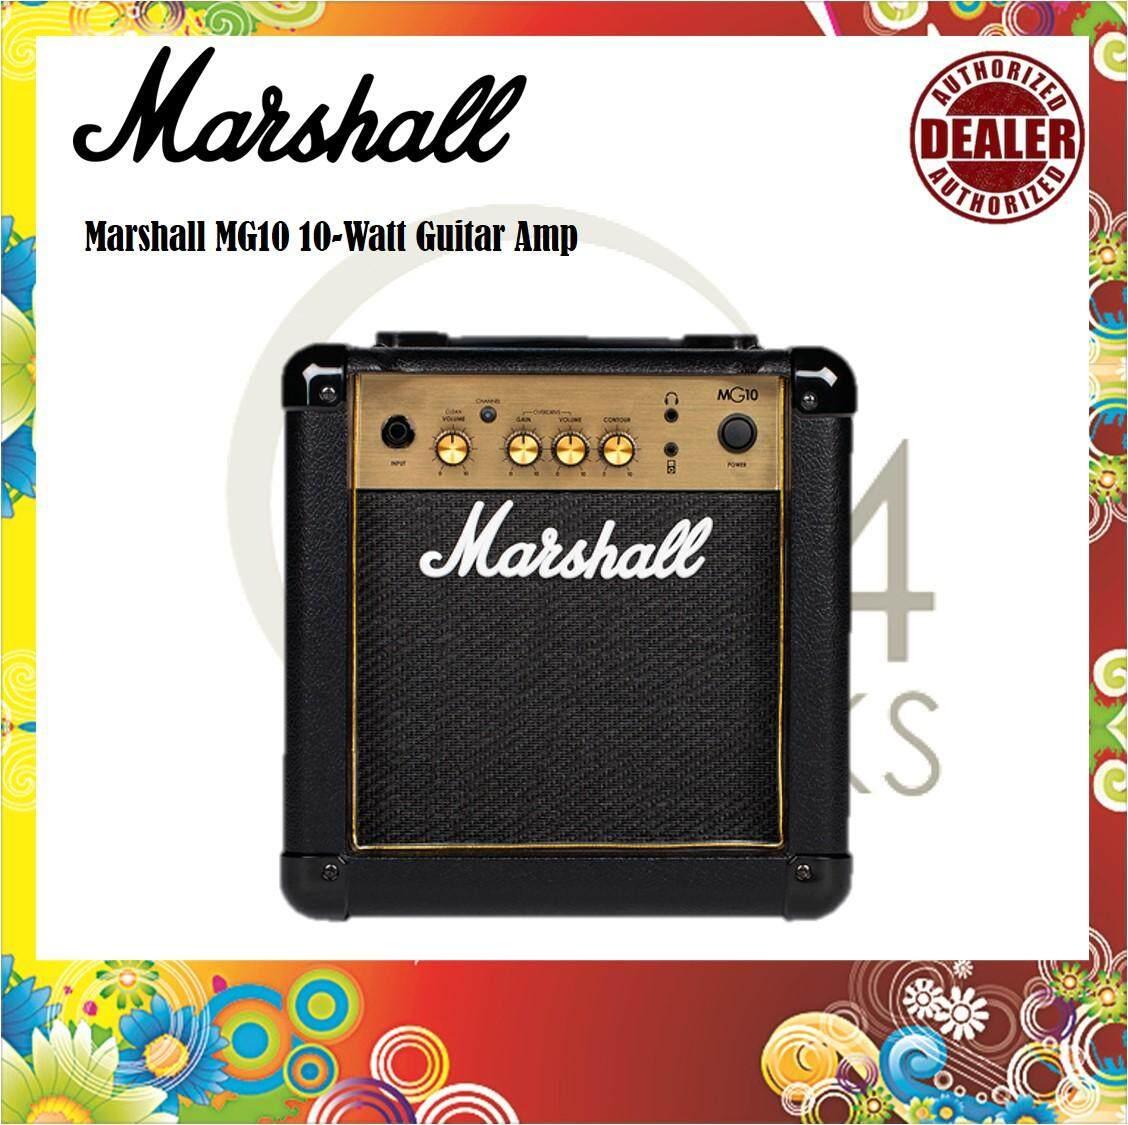 Marshall MG10 Electric Guitar Amplifier / Guitar Amp (MG-10 , MG 10 , MG10G)